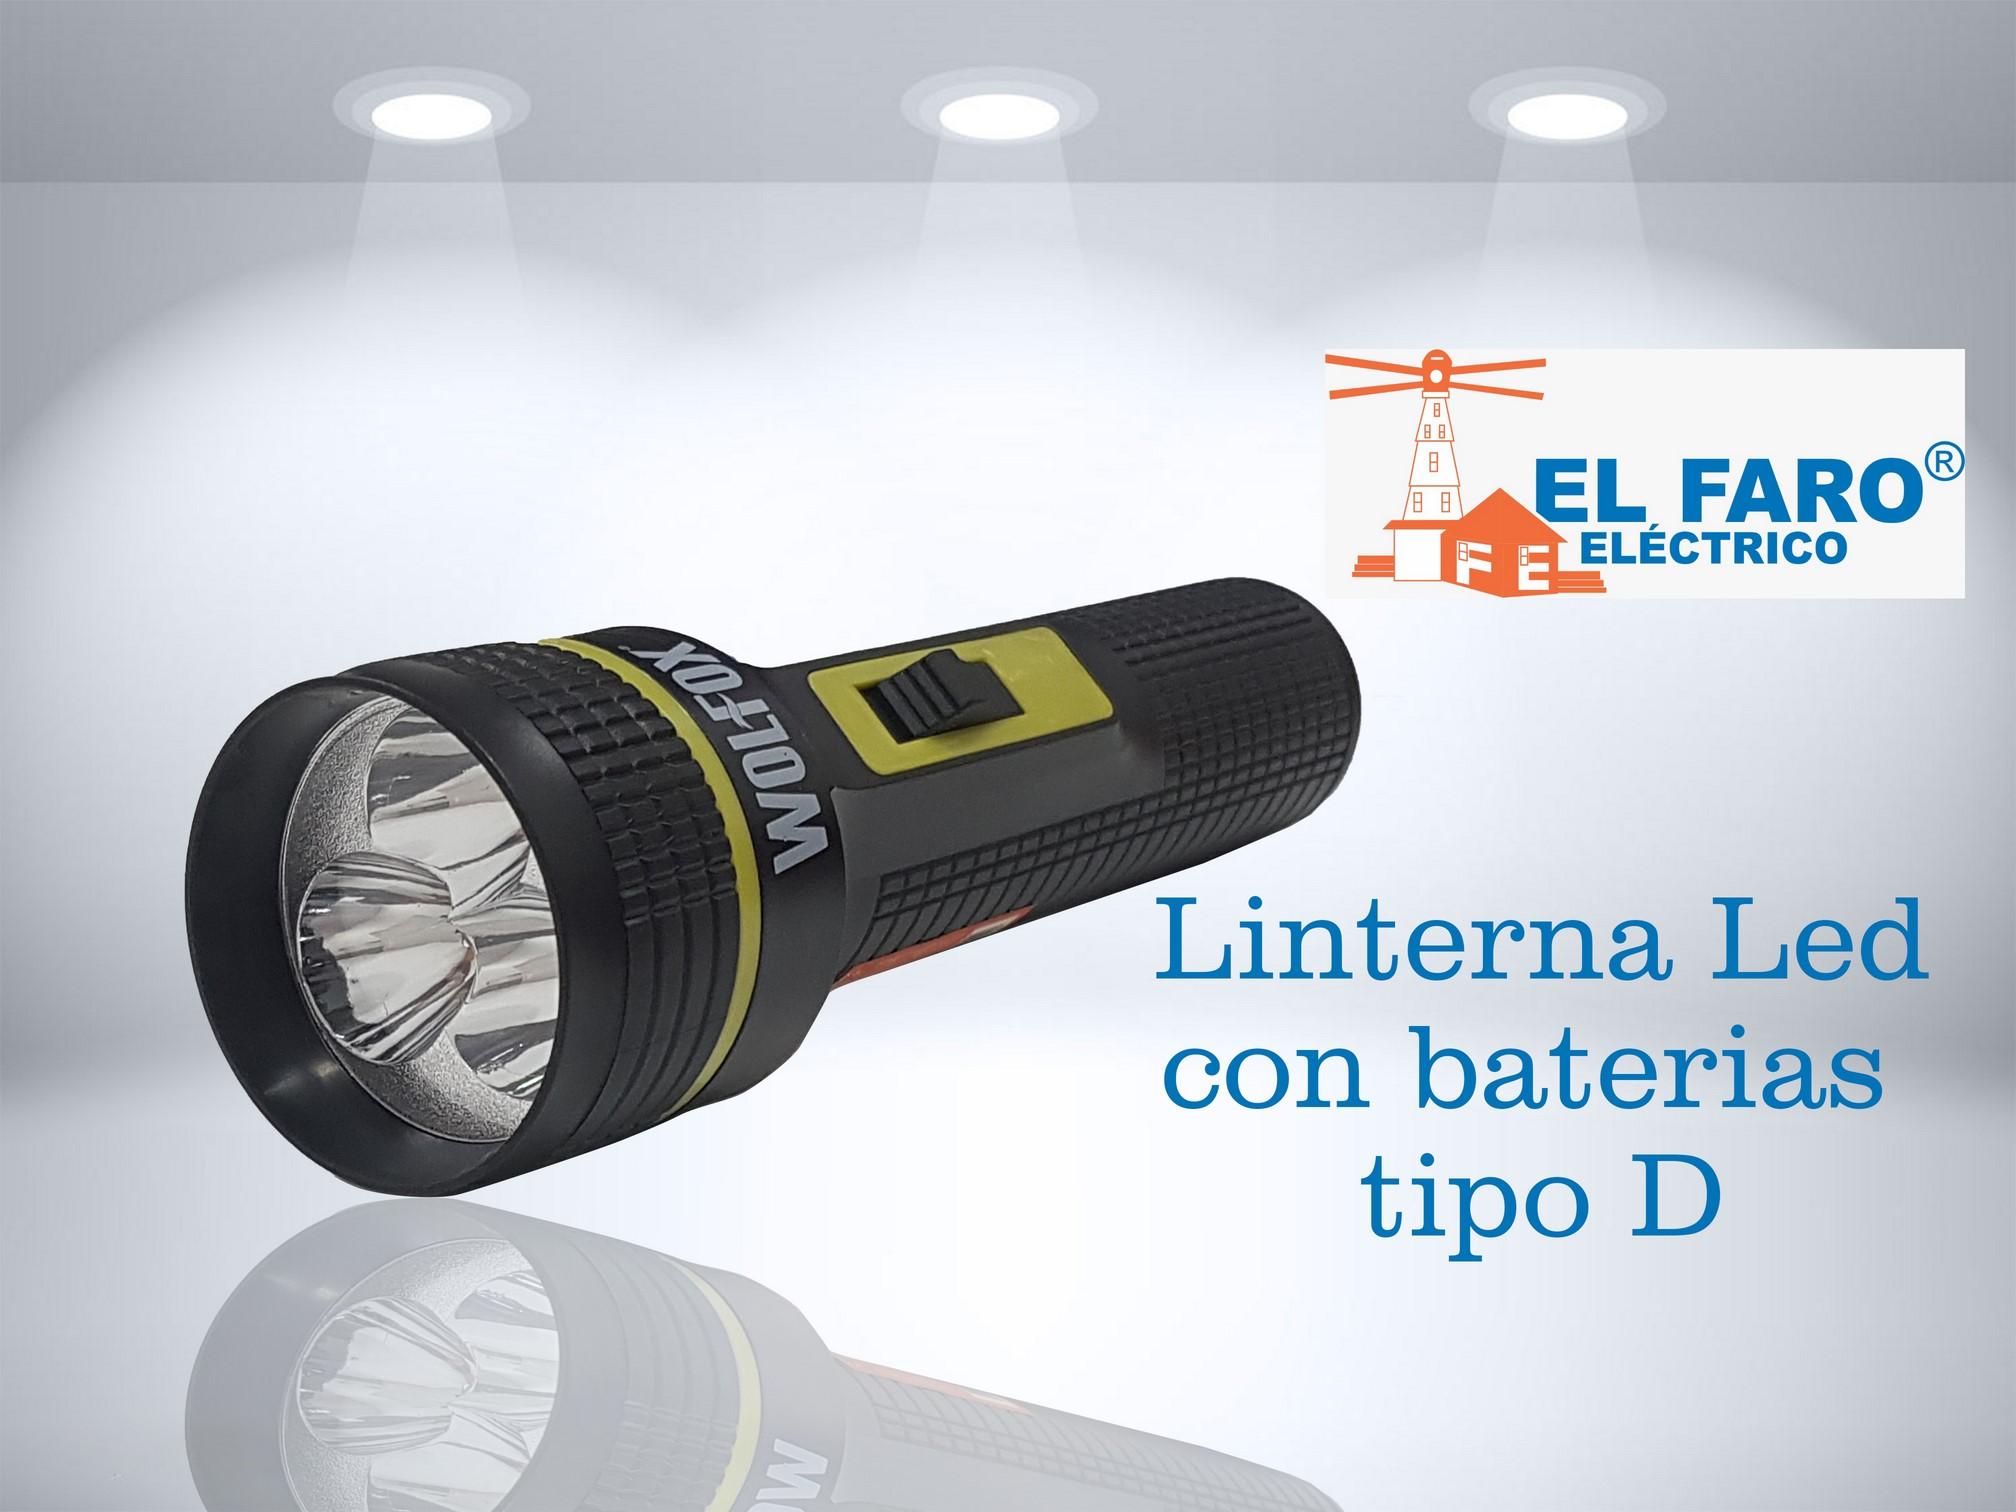 Linterna LED con baterías tipo D